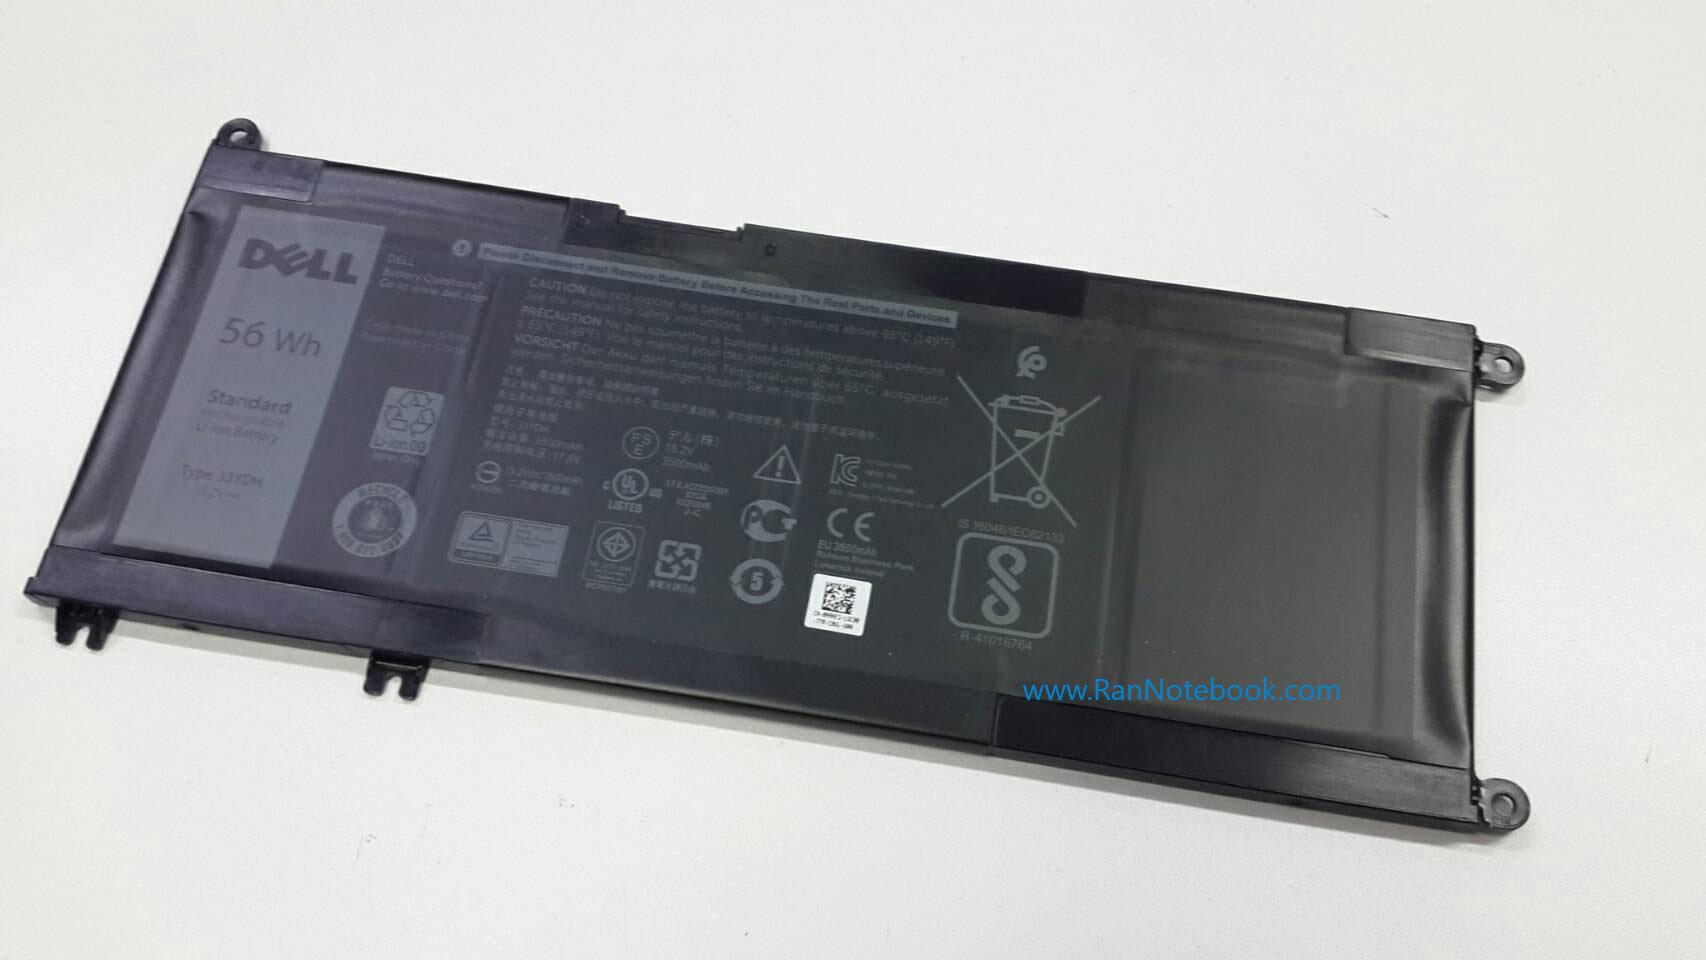 Battery Dell Latitude 3480 3580 3380 แบตแท้ ประกัน ศูนย์ Dell